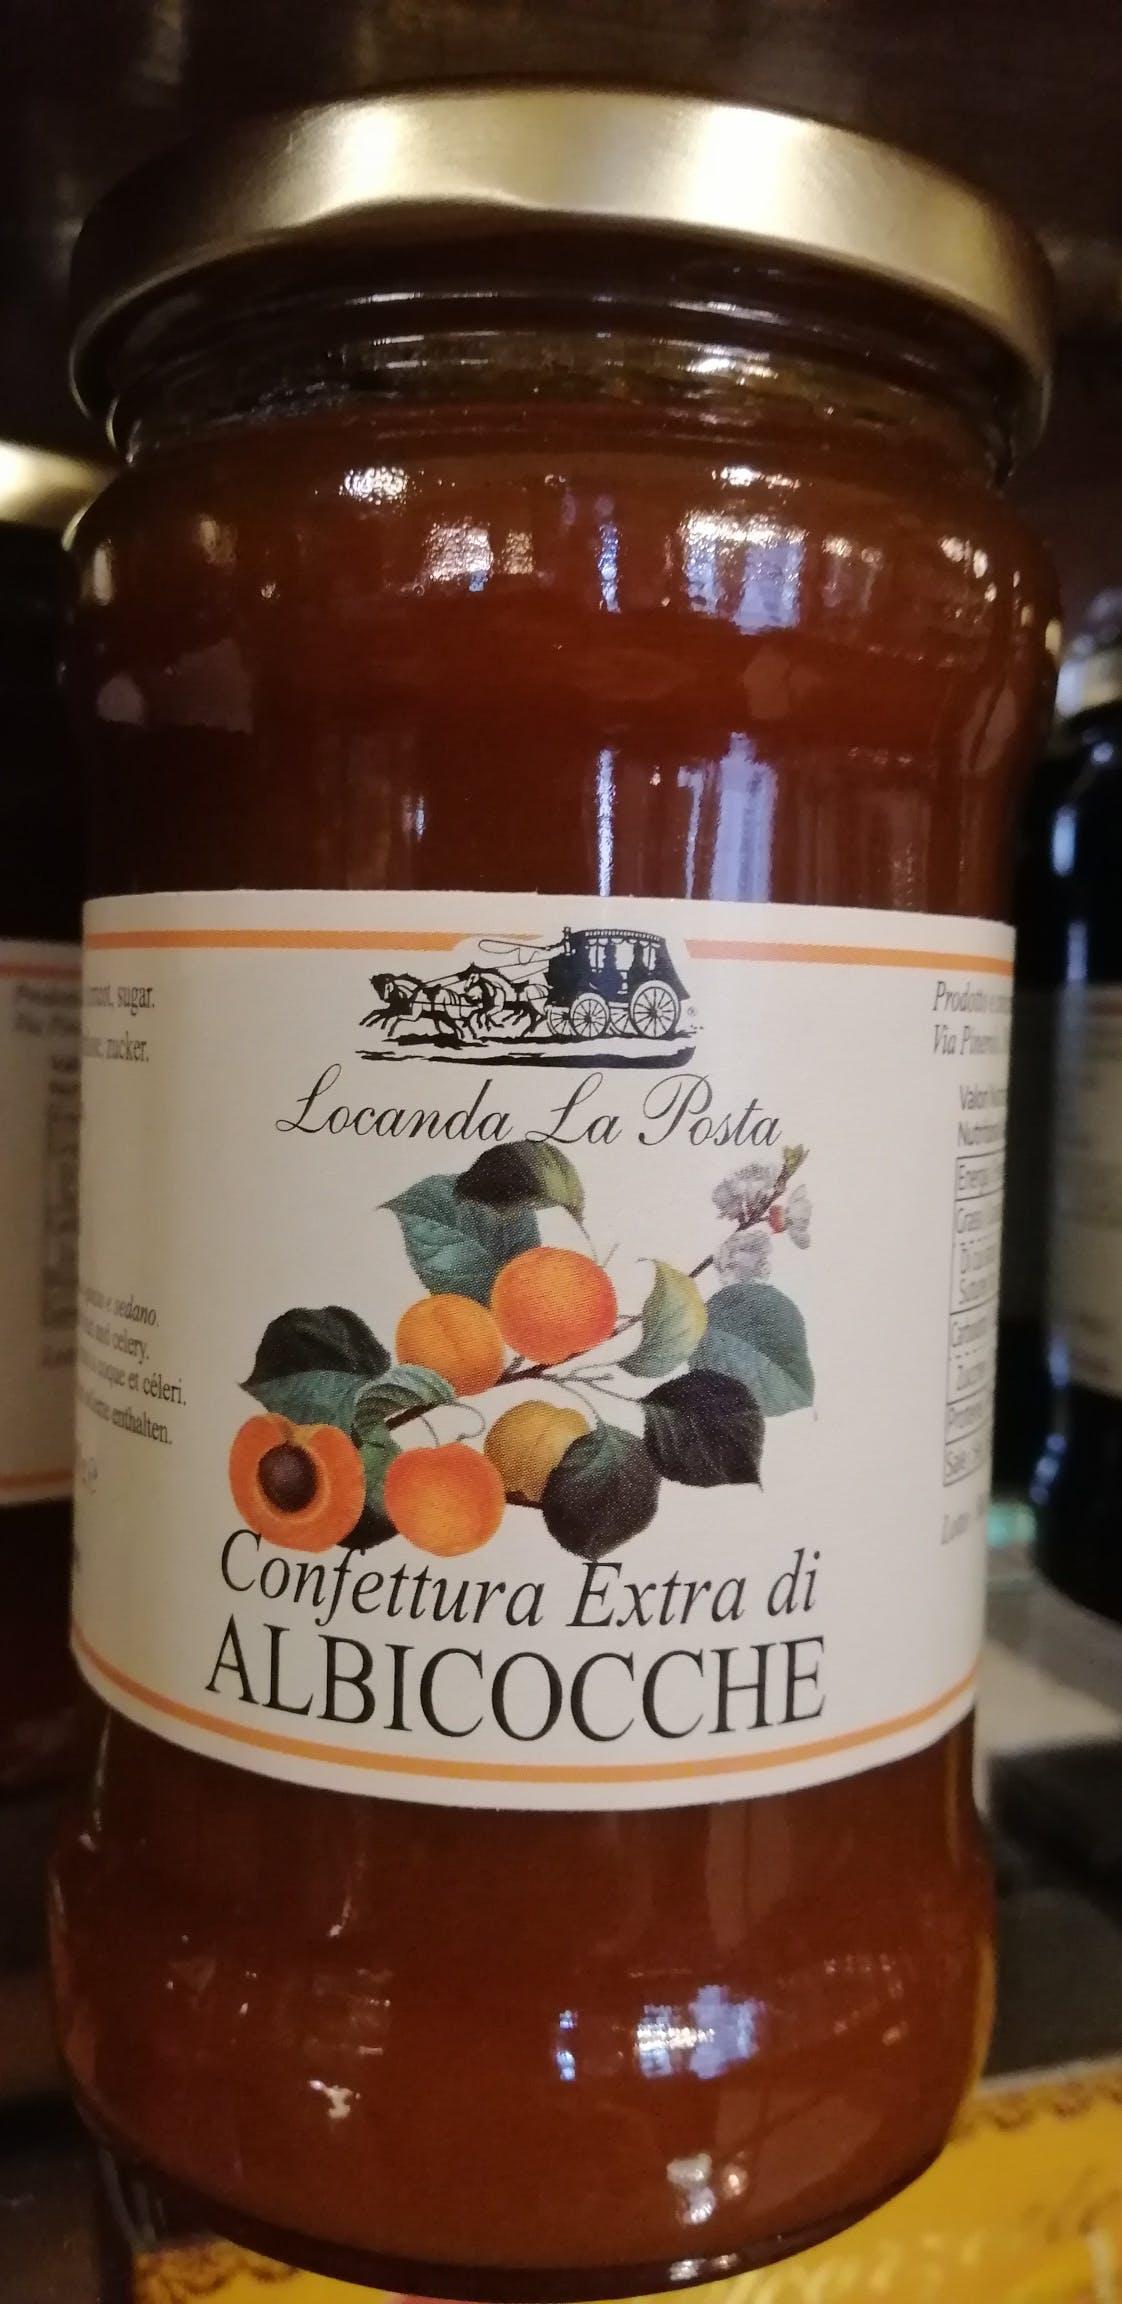 Albicocche, Confettura extra